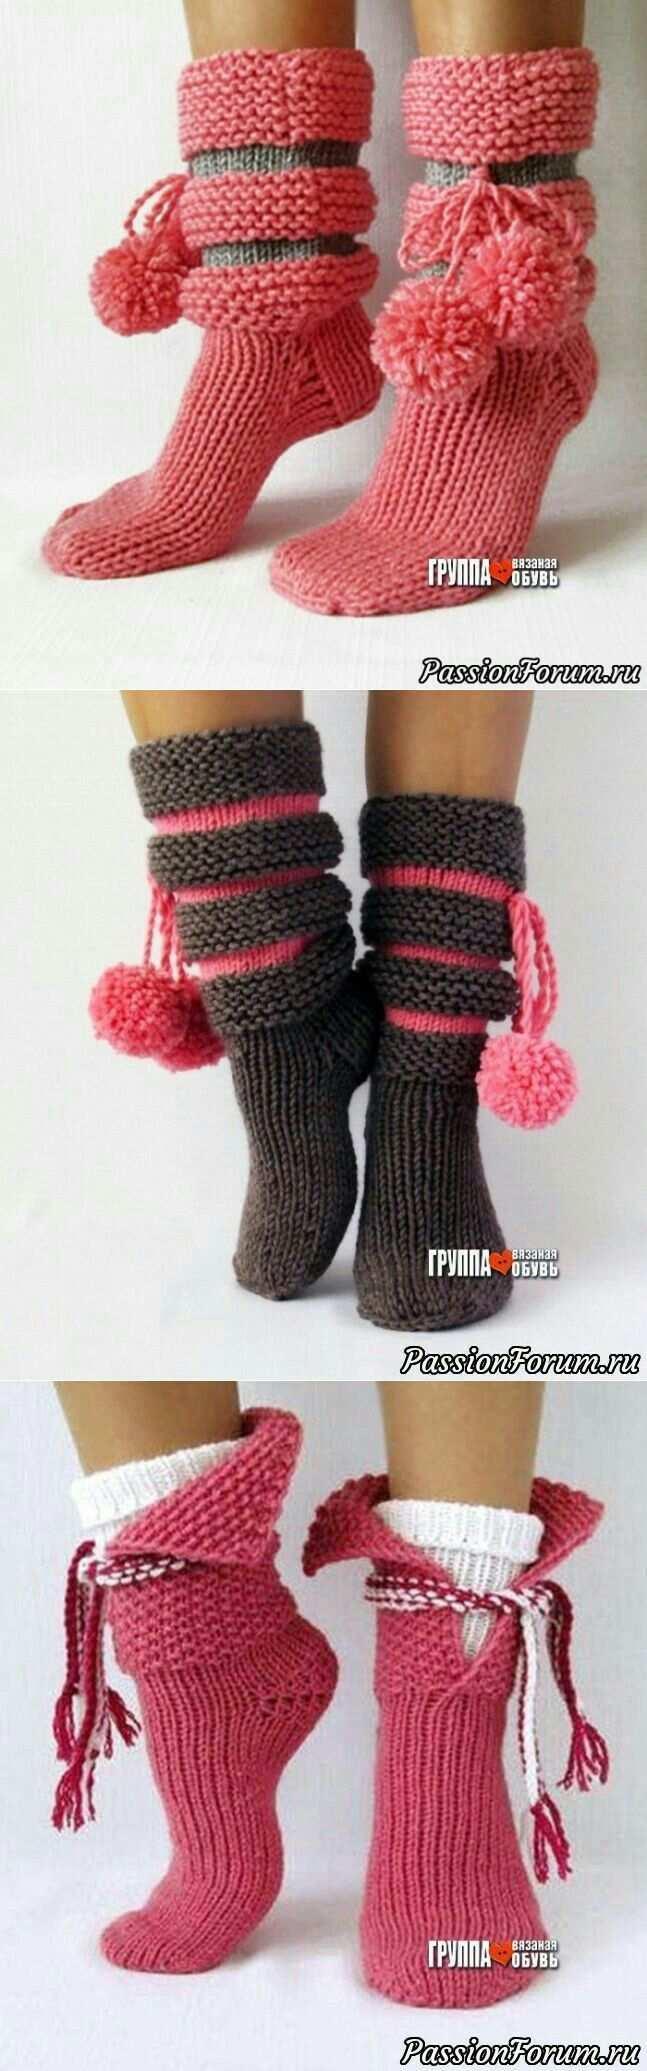 Ohne Bommel Socken Stricken Muster Socken Stricken Stricken